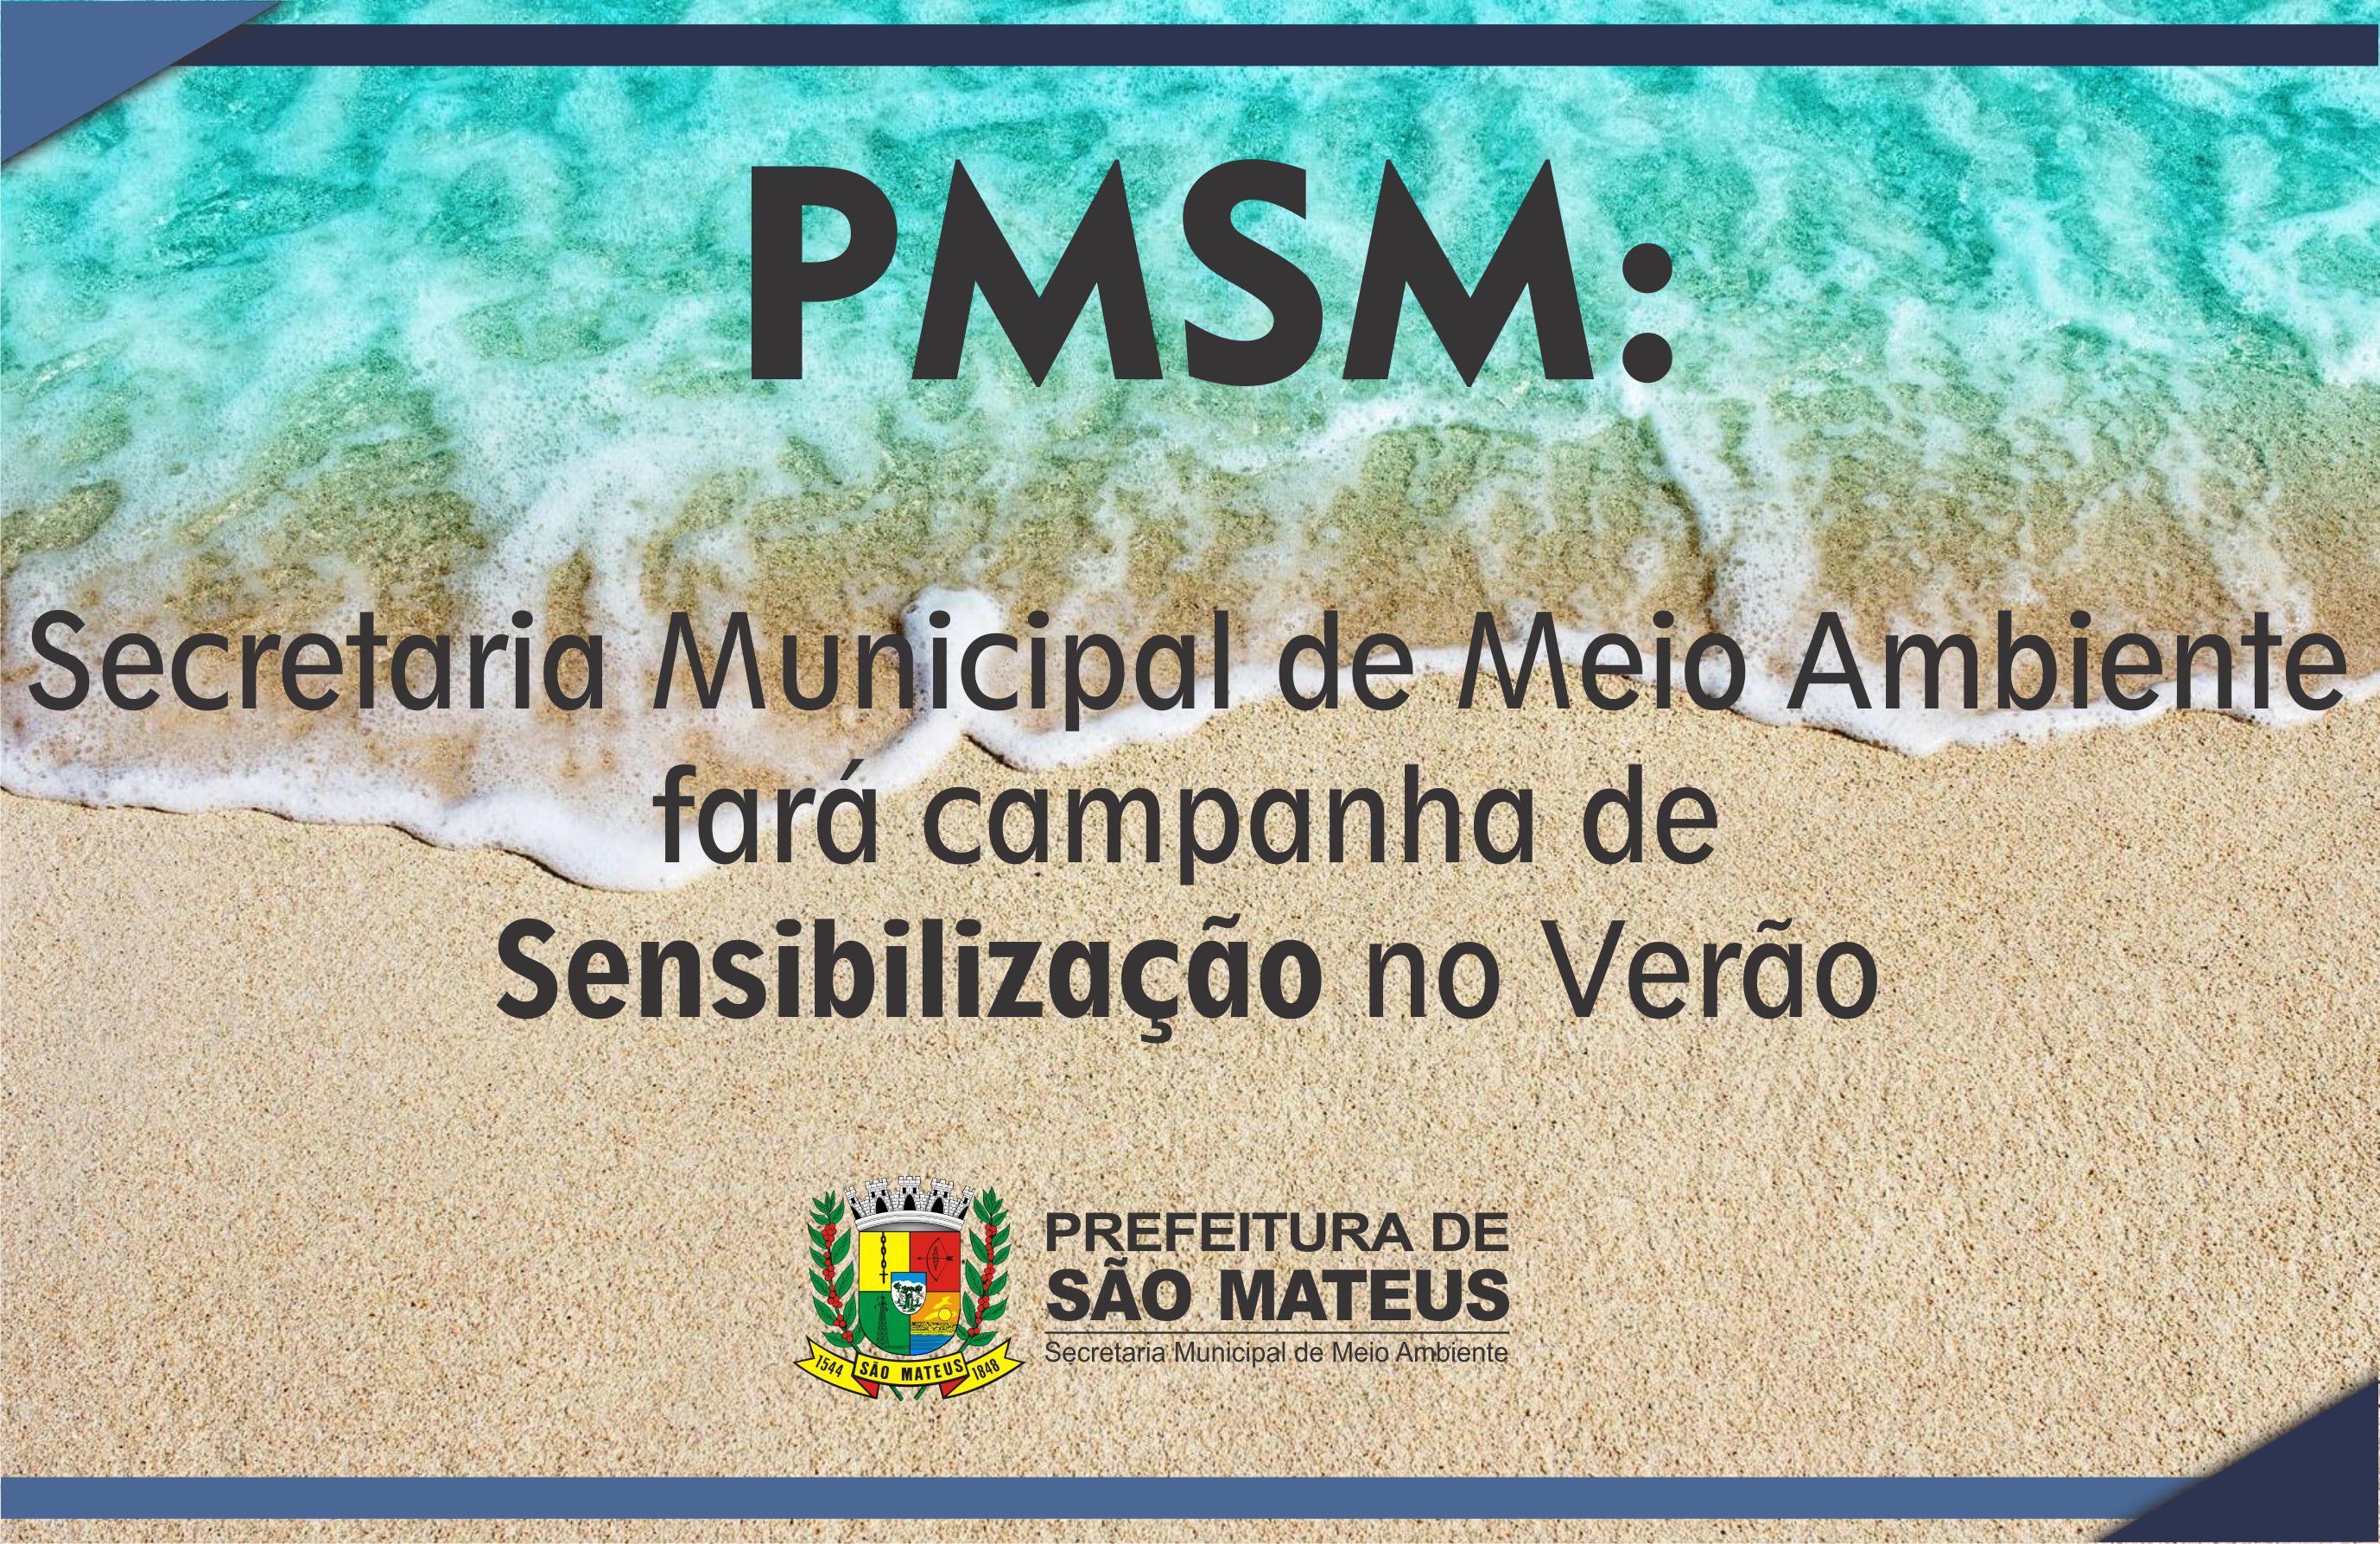 PMSM: Meio Ambiente fará campanha de sensibilização no verão